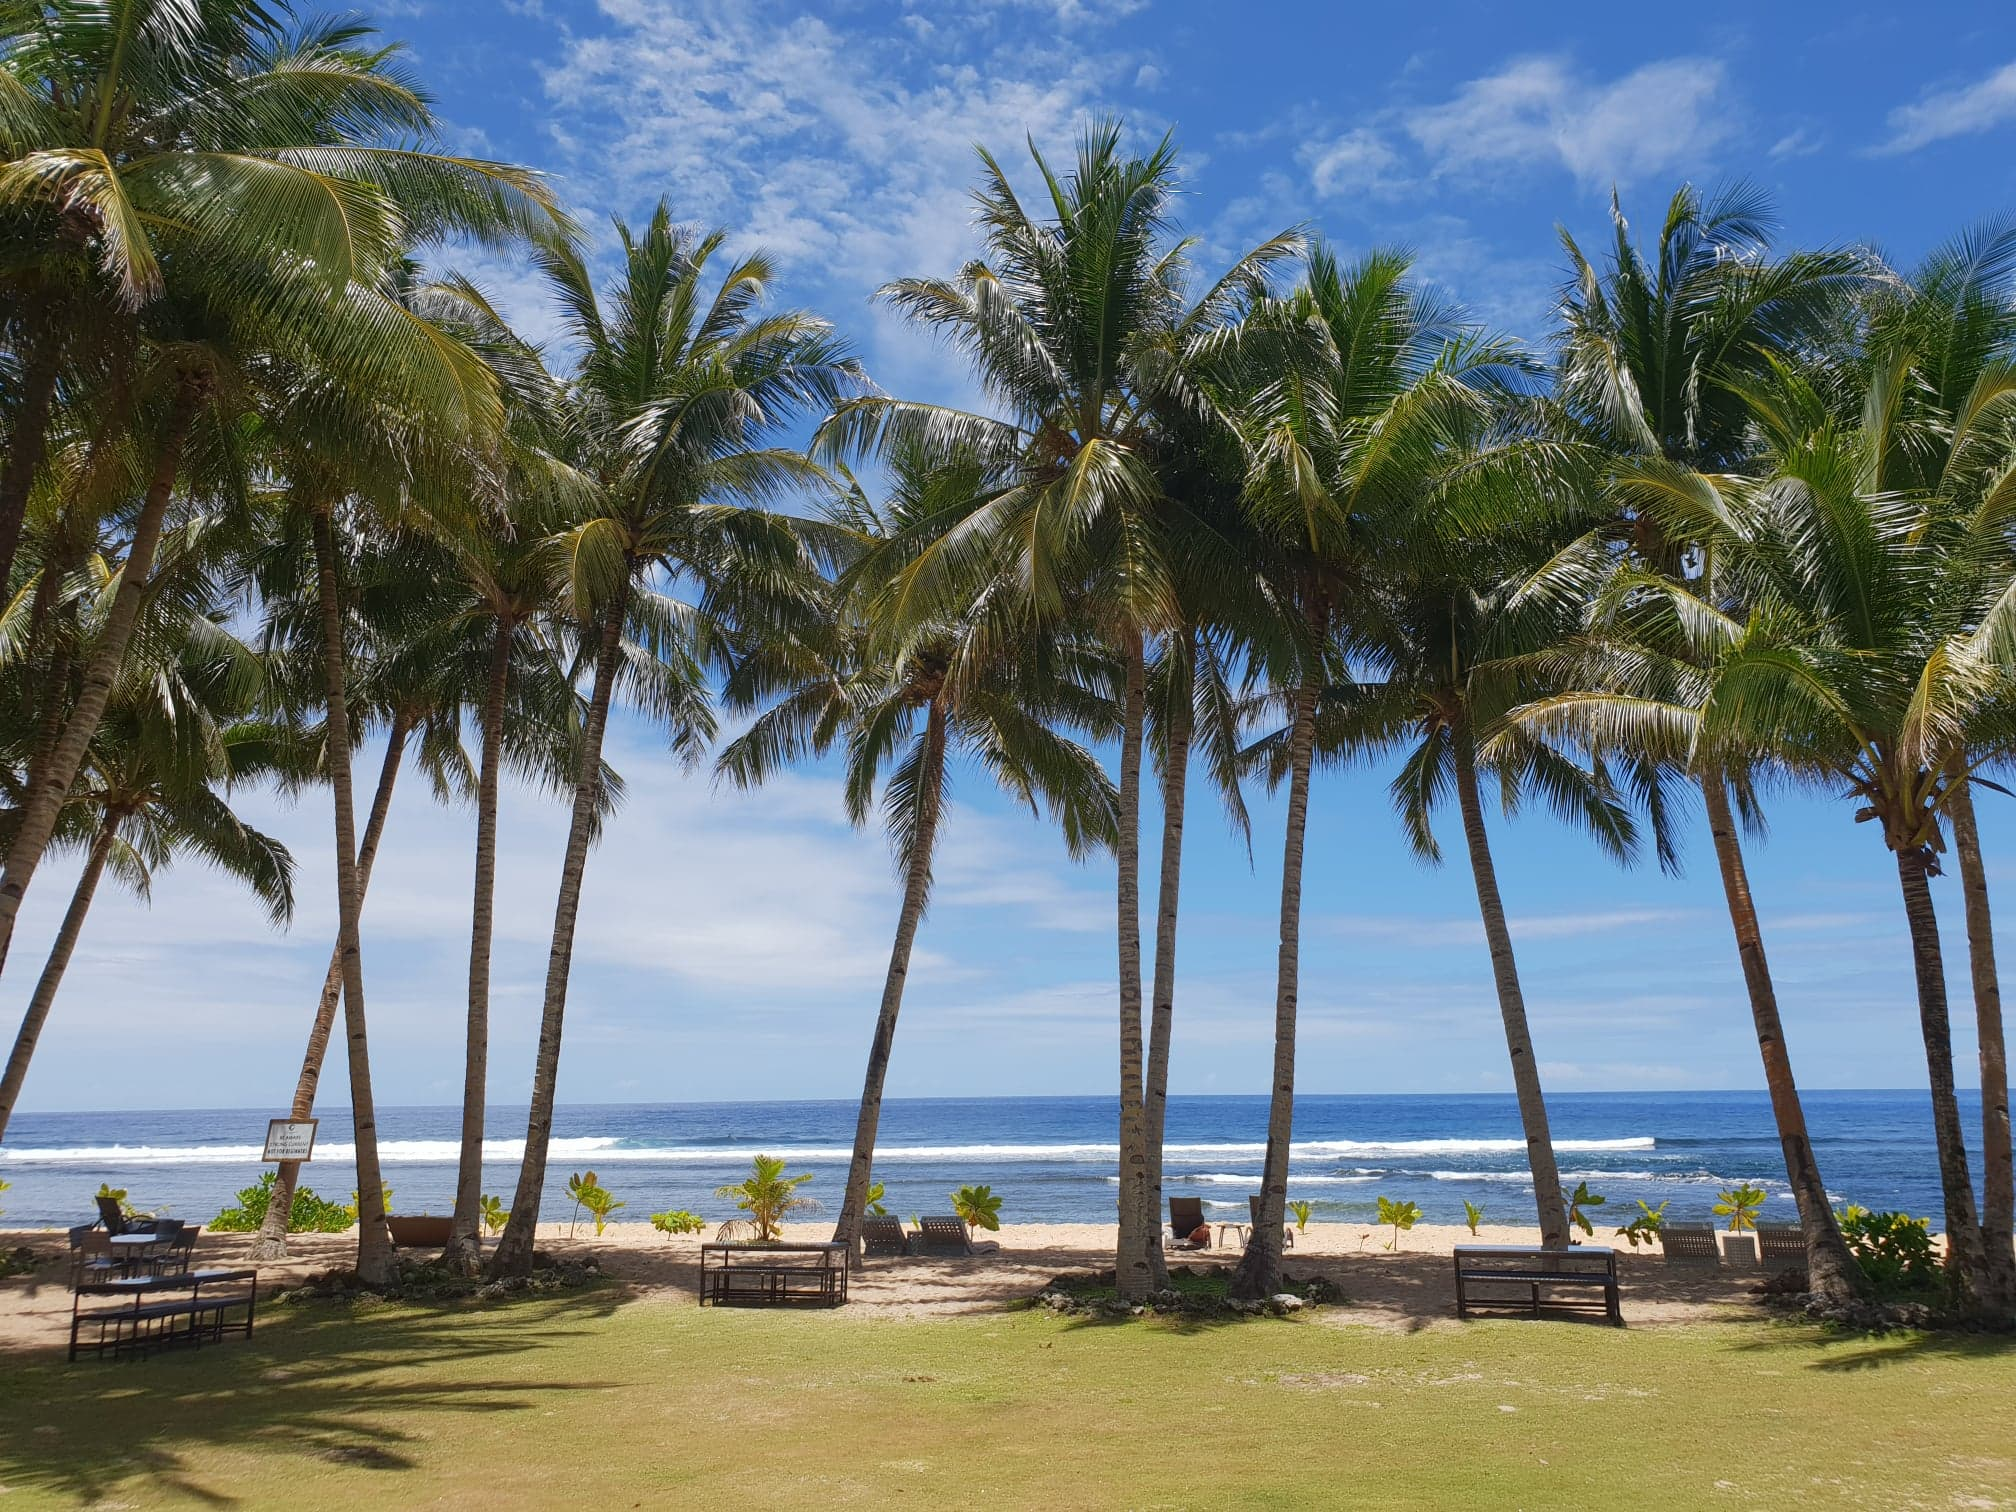 Pacifico Beach, Siargao